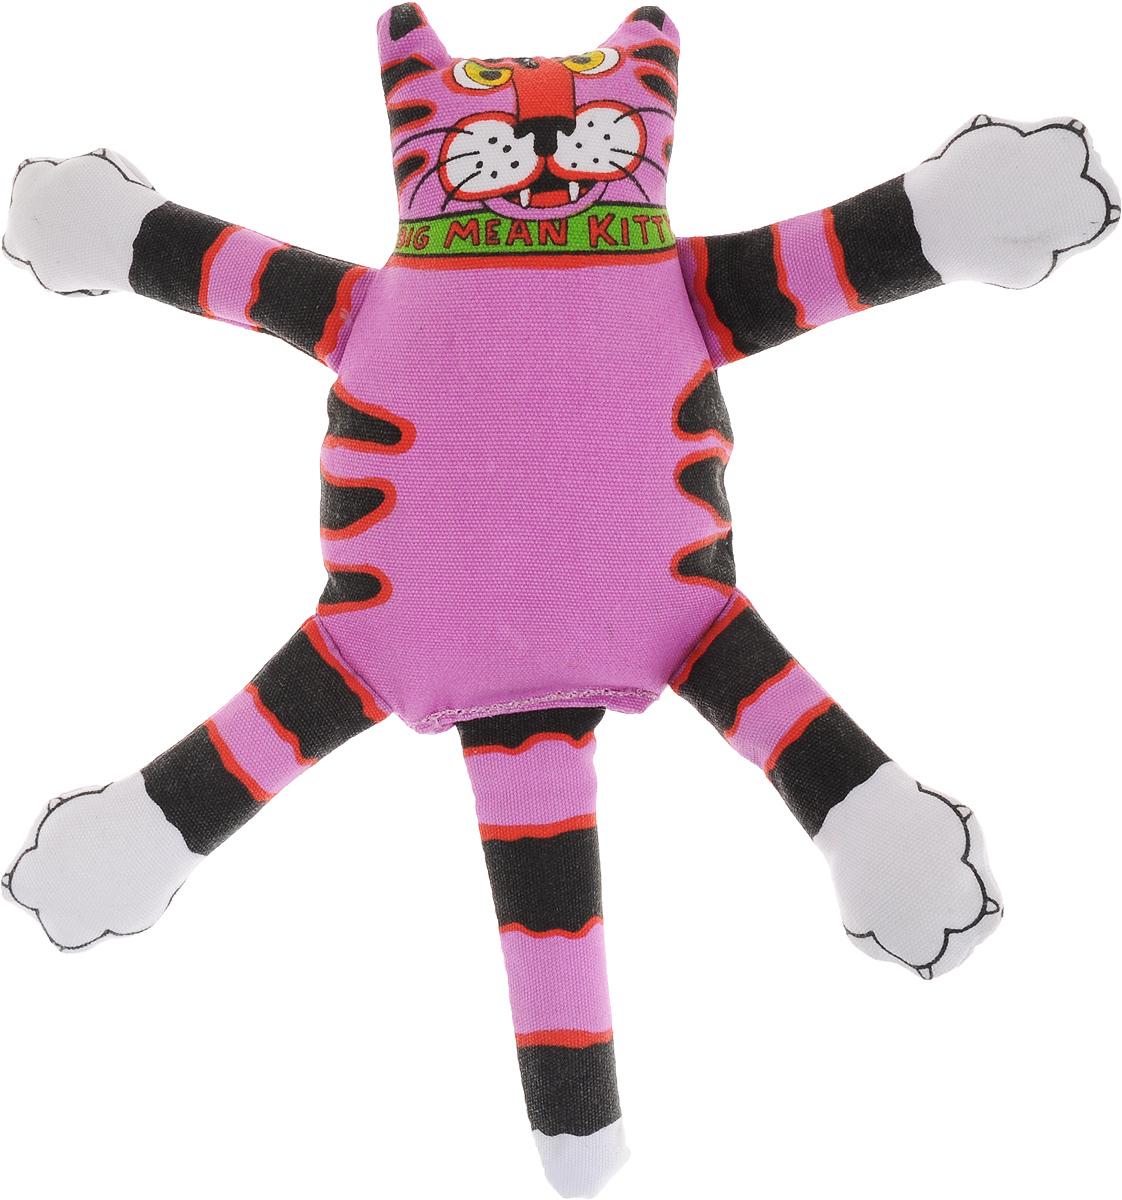 Игрушка для собак Fat Cat Кот-забияка, цвет: фиолетовый, черный598STEXИгрушка Fat Cat Кот-забияка - это мечта каждой собаки, которая хочет потрепать кота и получить от этого удовольствие. Кот в свою очередь – не просто яркая игрушка с нахальной мордой, это забияка, который подразнит вашего любимца и даст сдачи во время игры, при тряске он машет лапами и шлепает ими собаку по голове. Внутри игрушки пищалка, срабатывающая при нажатии.Забавное времяпрепровождение вашему другу просто обеспечено! Подойдет для собак средних размеров.